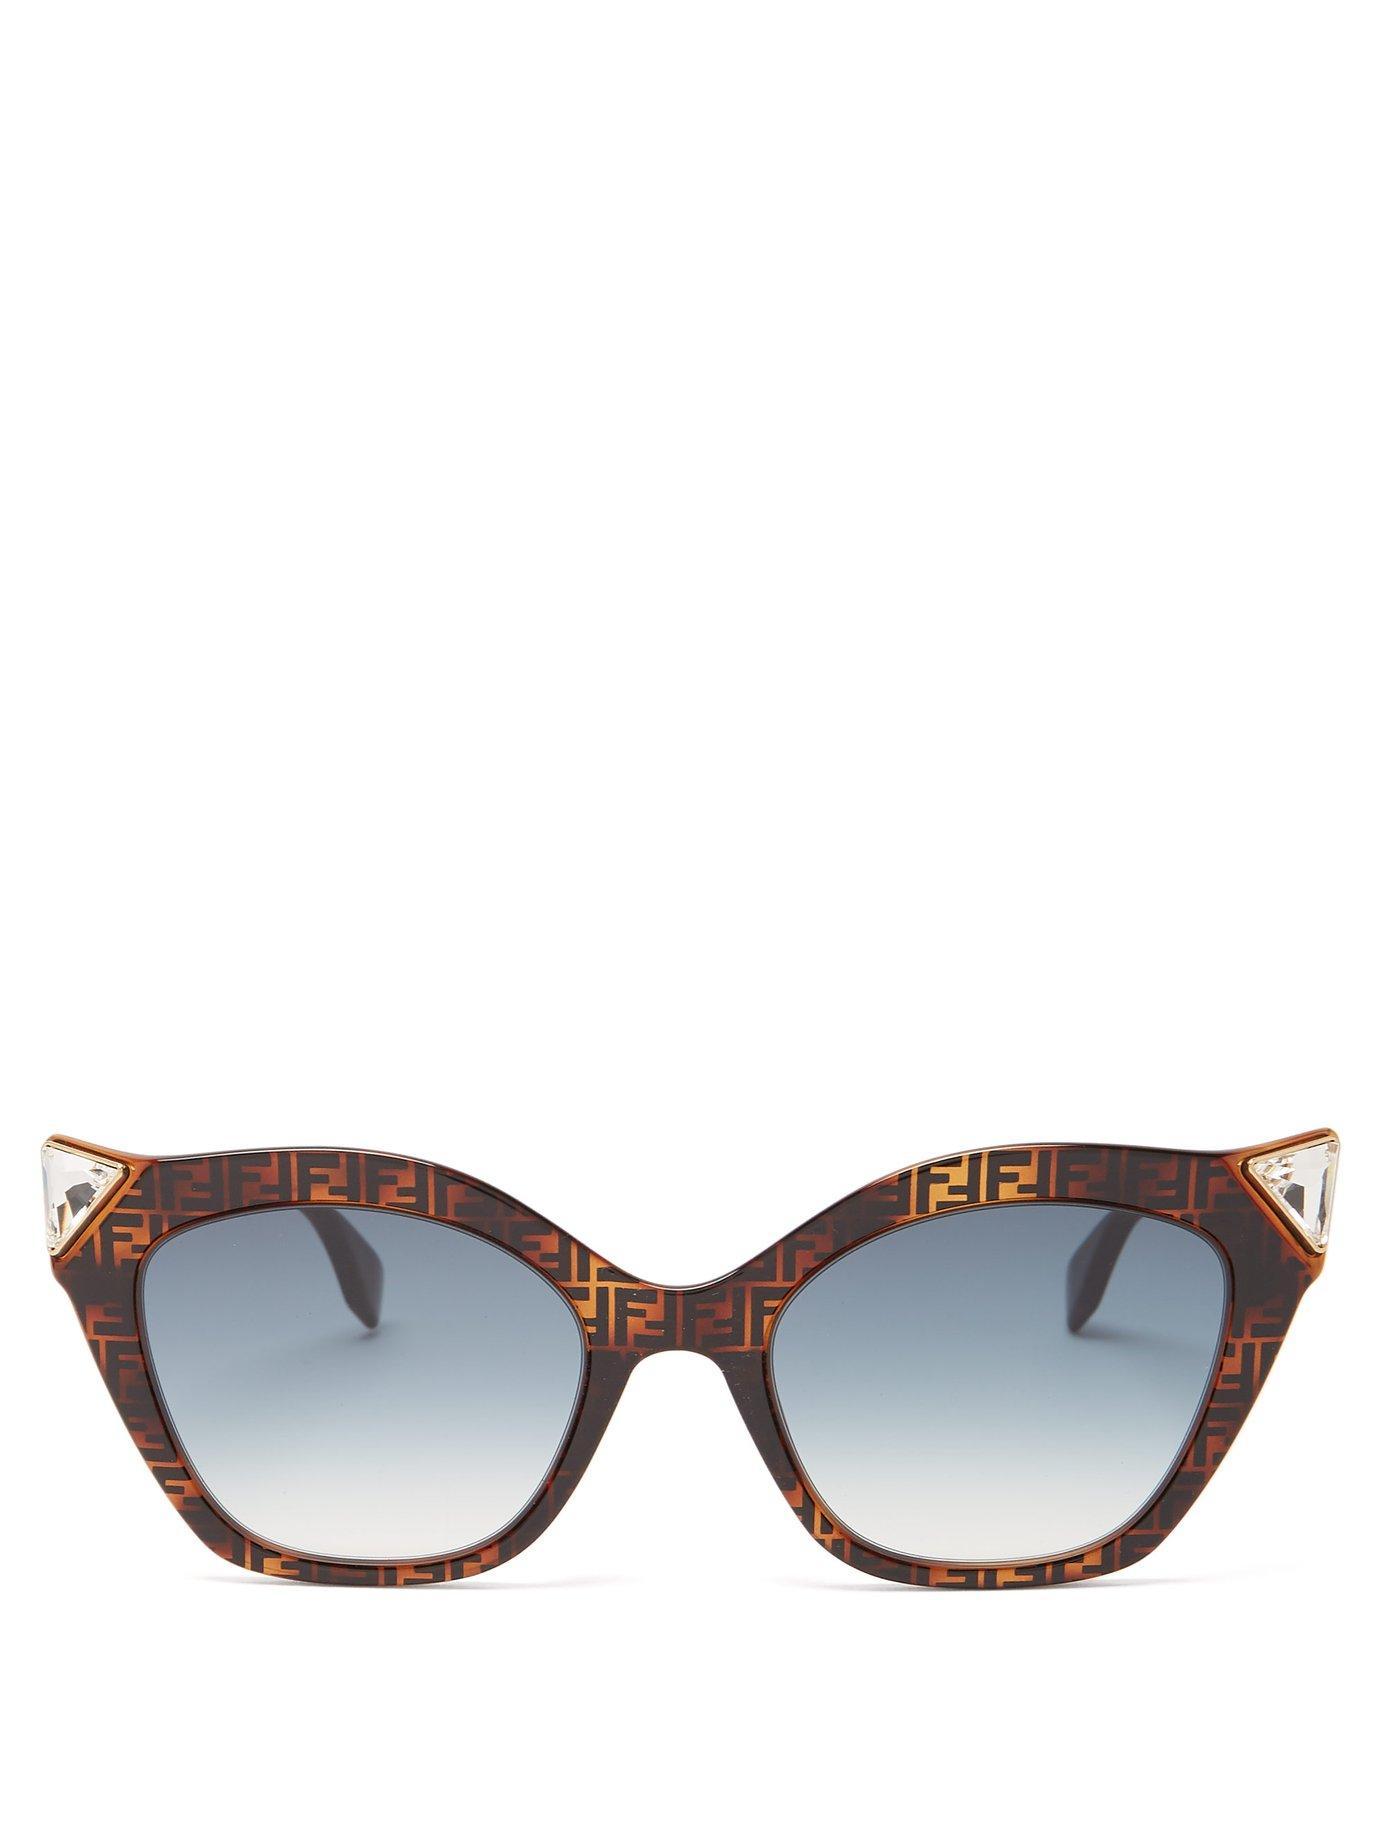 839d0611c6d5 Lyst - Fendi Havana Tortoiseshell Acetate Cat Eye Sunglasses in Brown